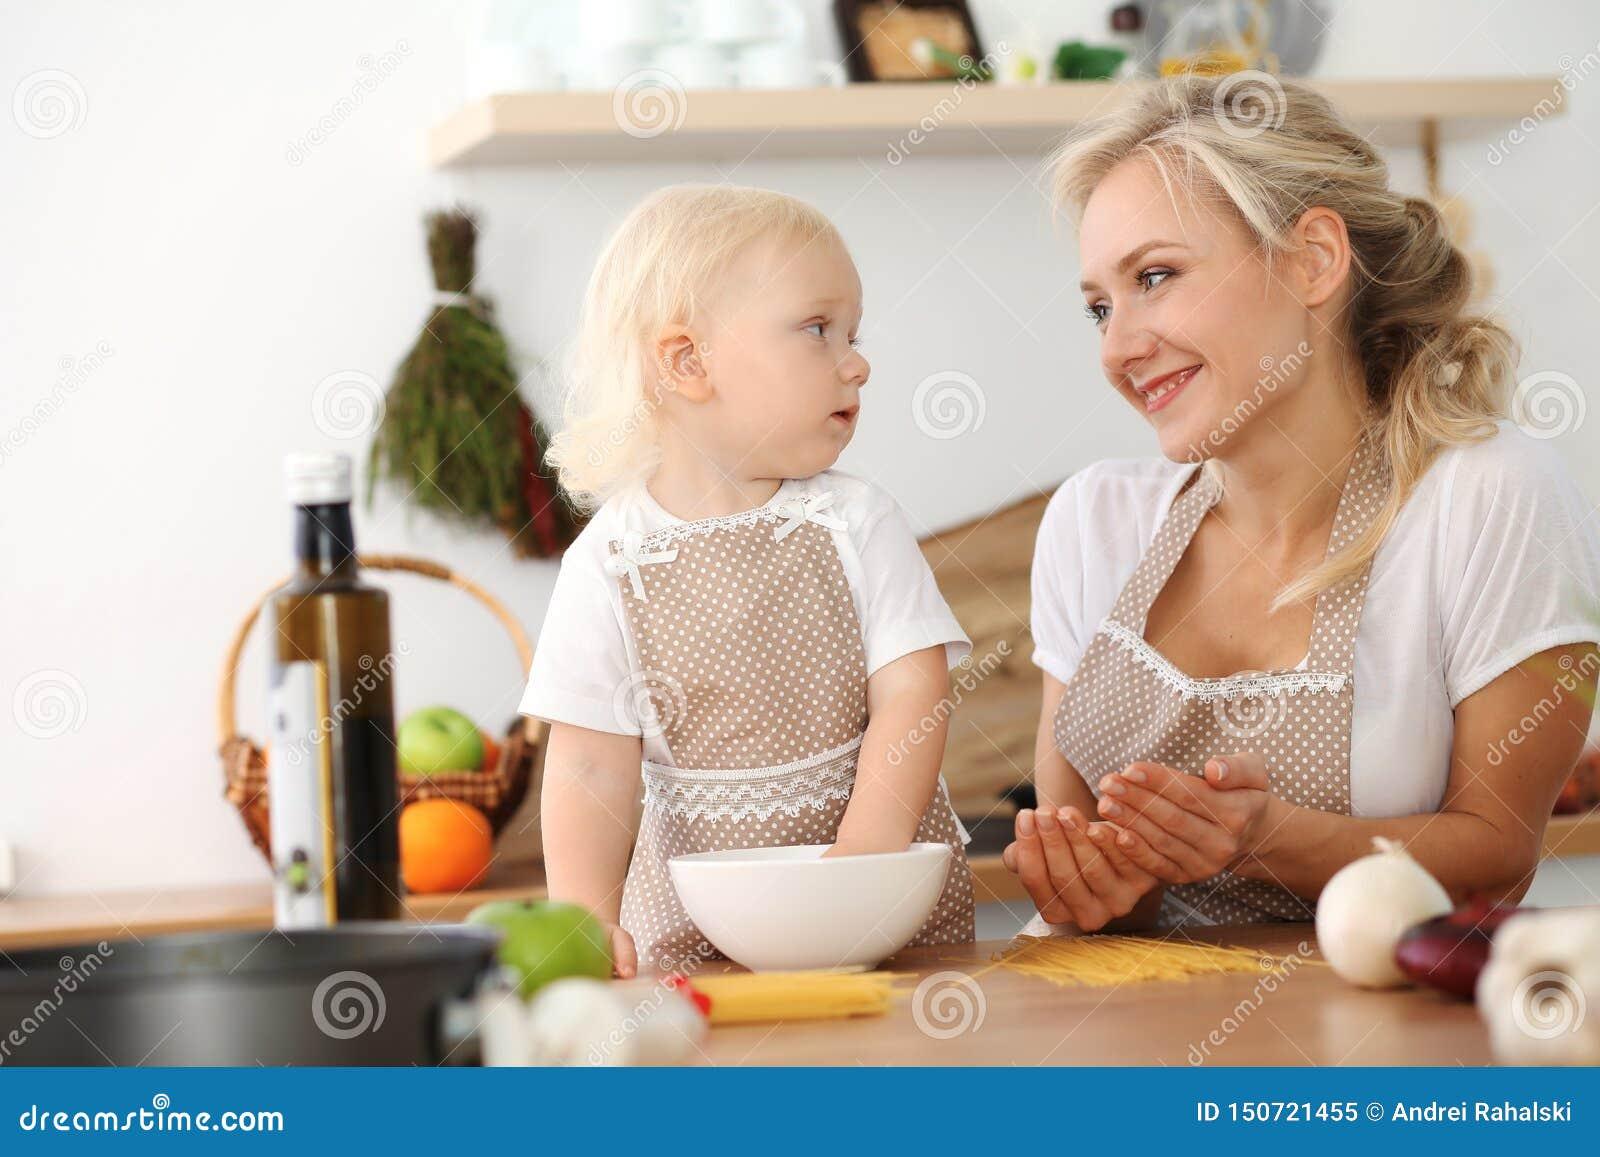 Gelukkige moeder en weinig dochter het koken in keuken Doorbrengend tijd allen samen, het concept van de familiepret